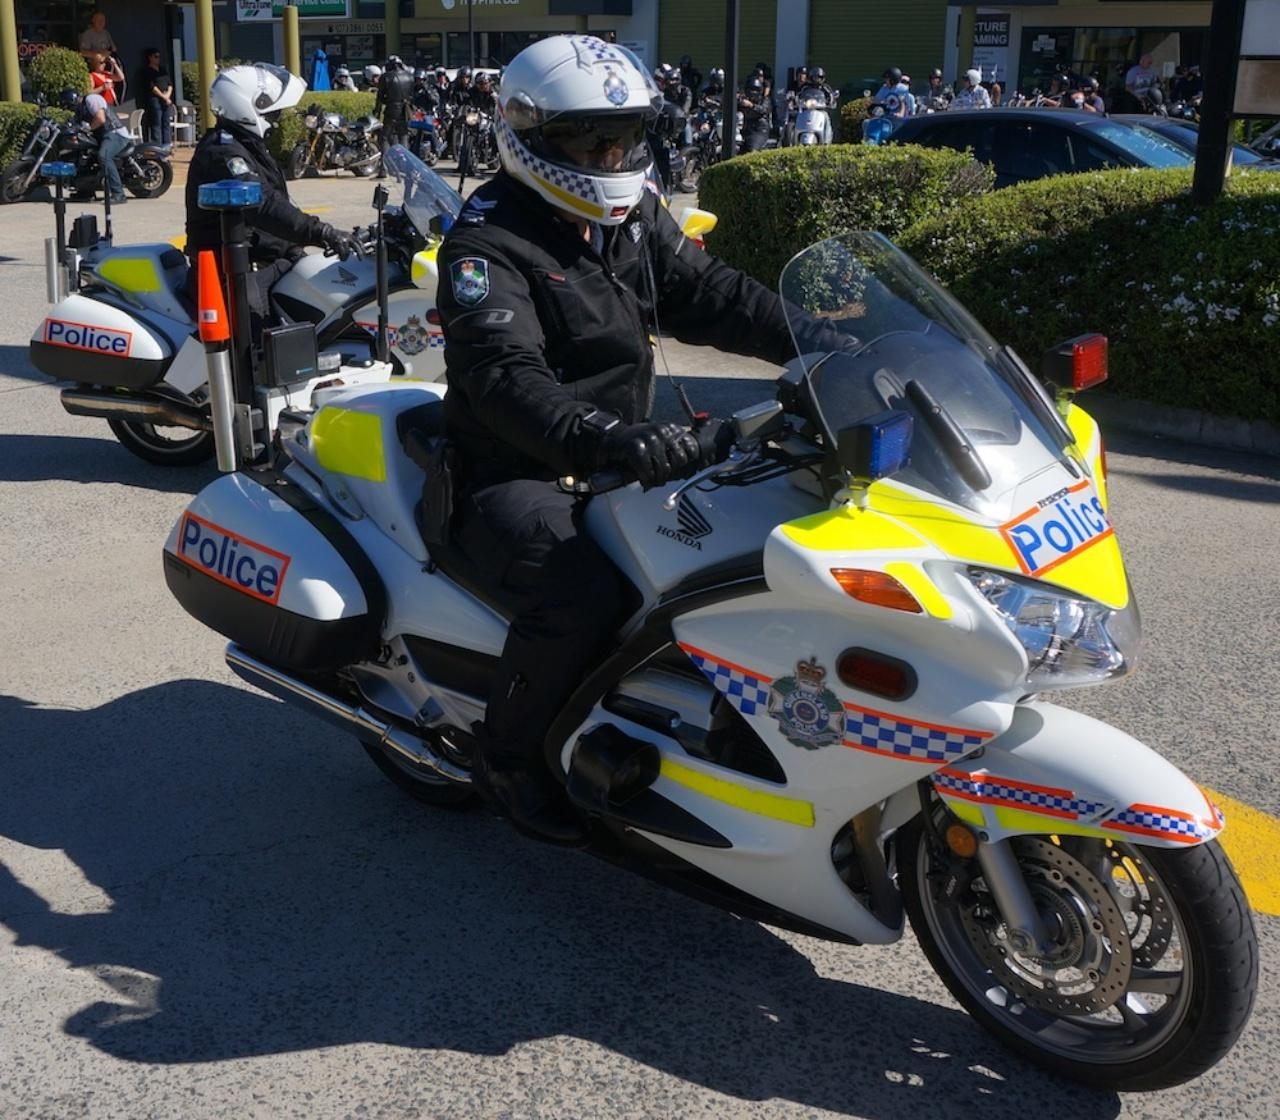 จักรยานยนต์ความเร็วสูงของตำรวจออสเตรเลีย